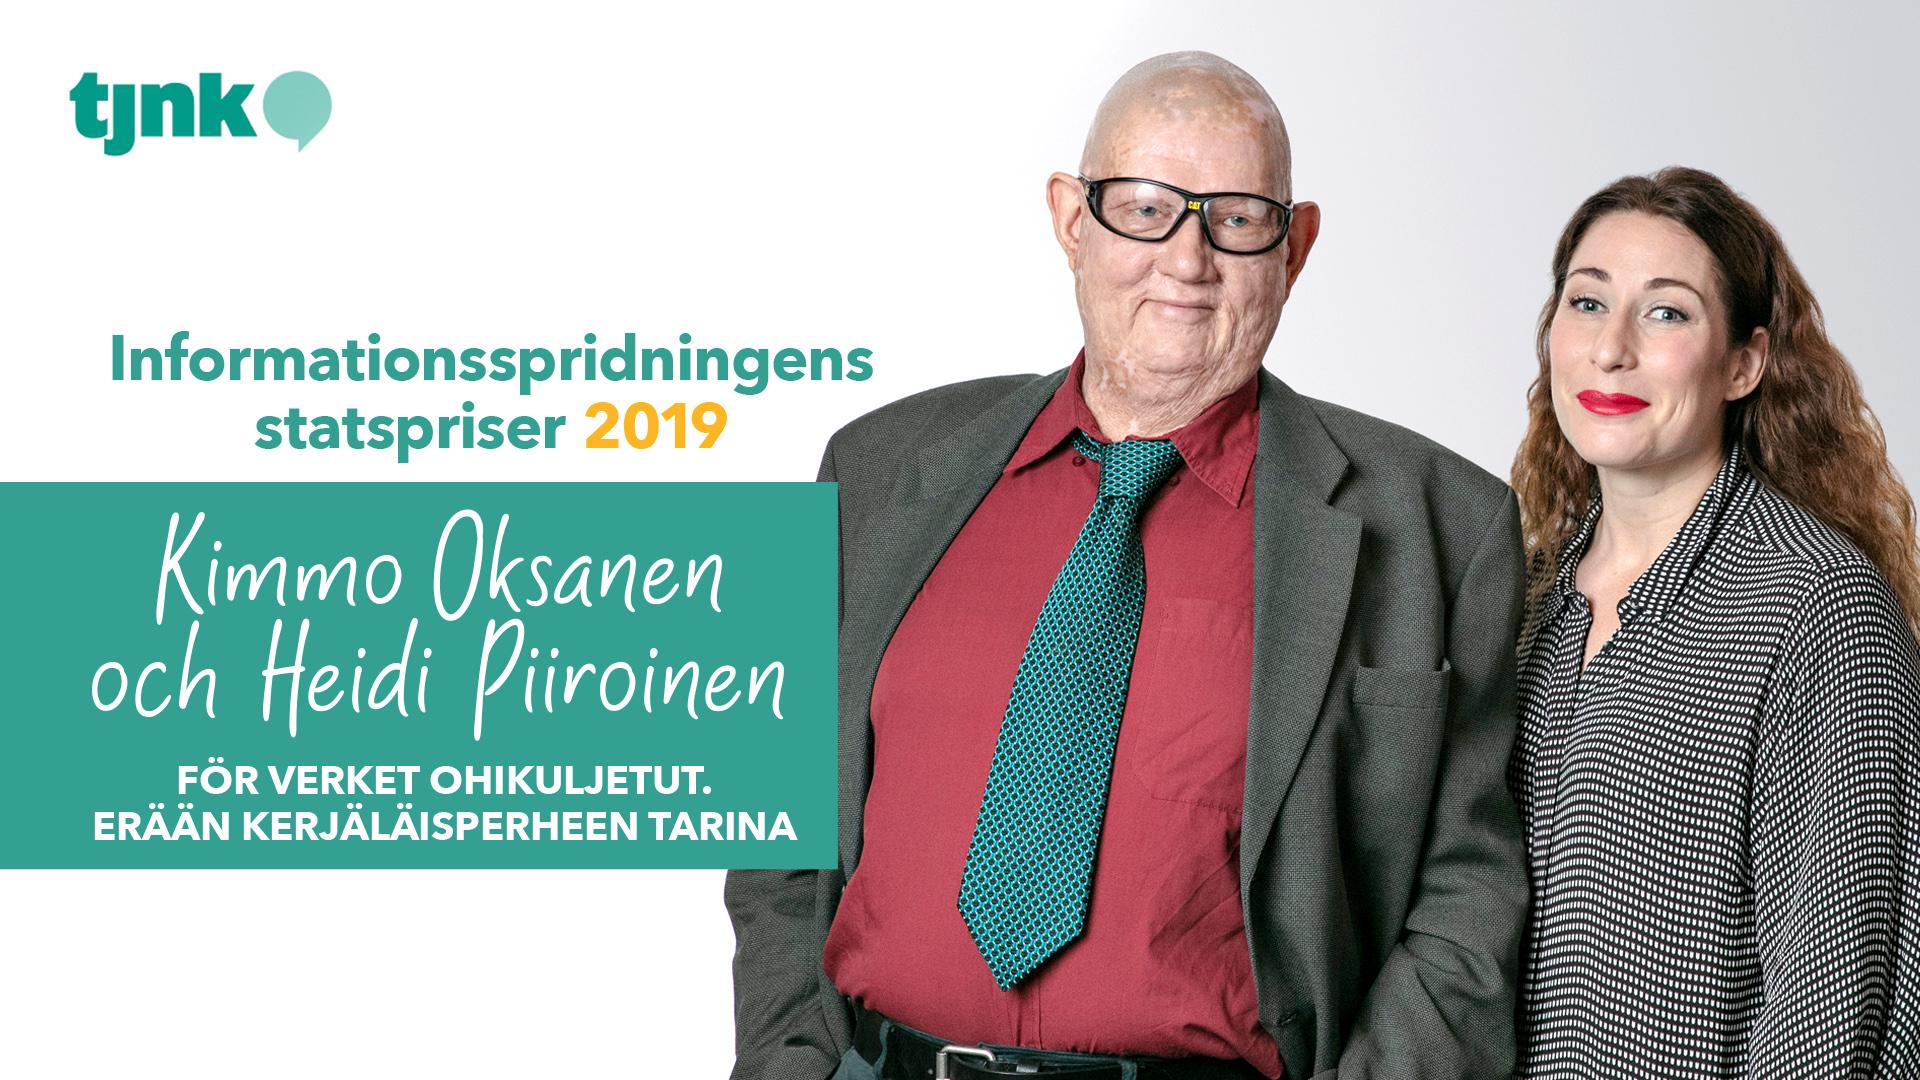 Kimmo Oksanen och Heidi Piiroinen